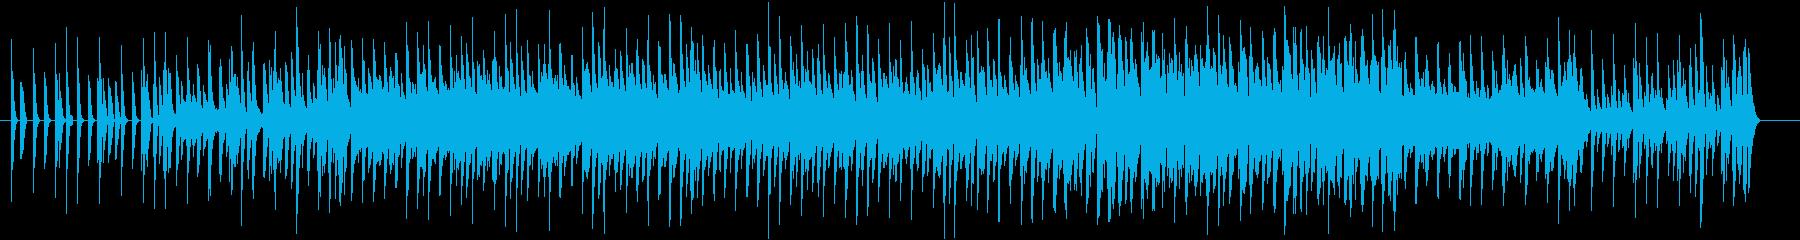 アンダーグラウンドな感じを目指しましたの再生済みの波形